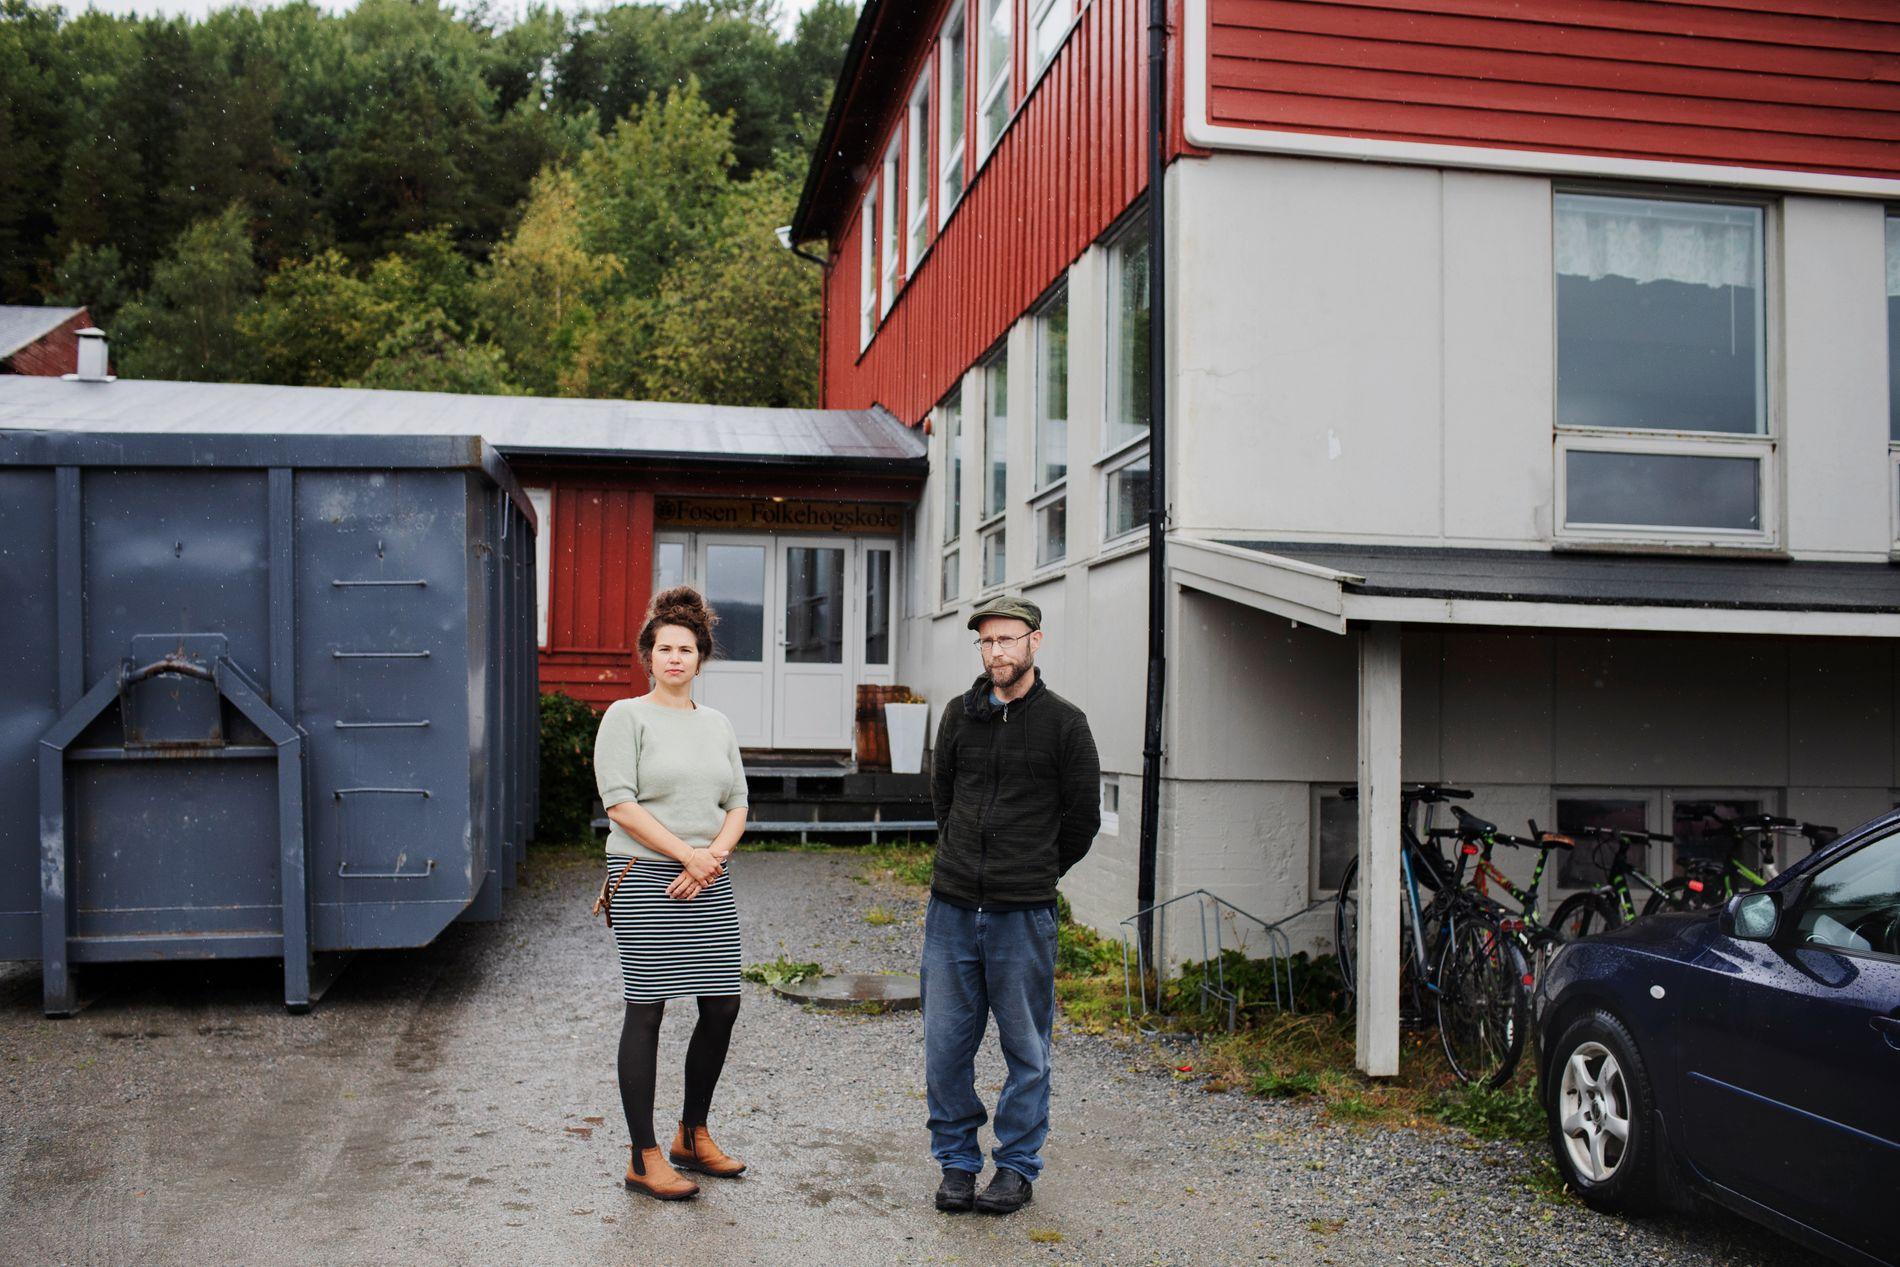 FOLKEHØGSKOLEN: Arnhild Finne og Kenneth Bjørkli foran inngangspartiet til Fosen Folkehøgskole, der de begge jobber.